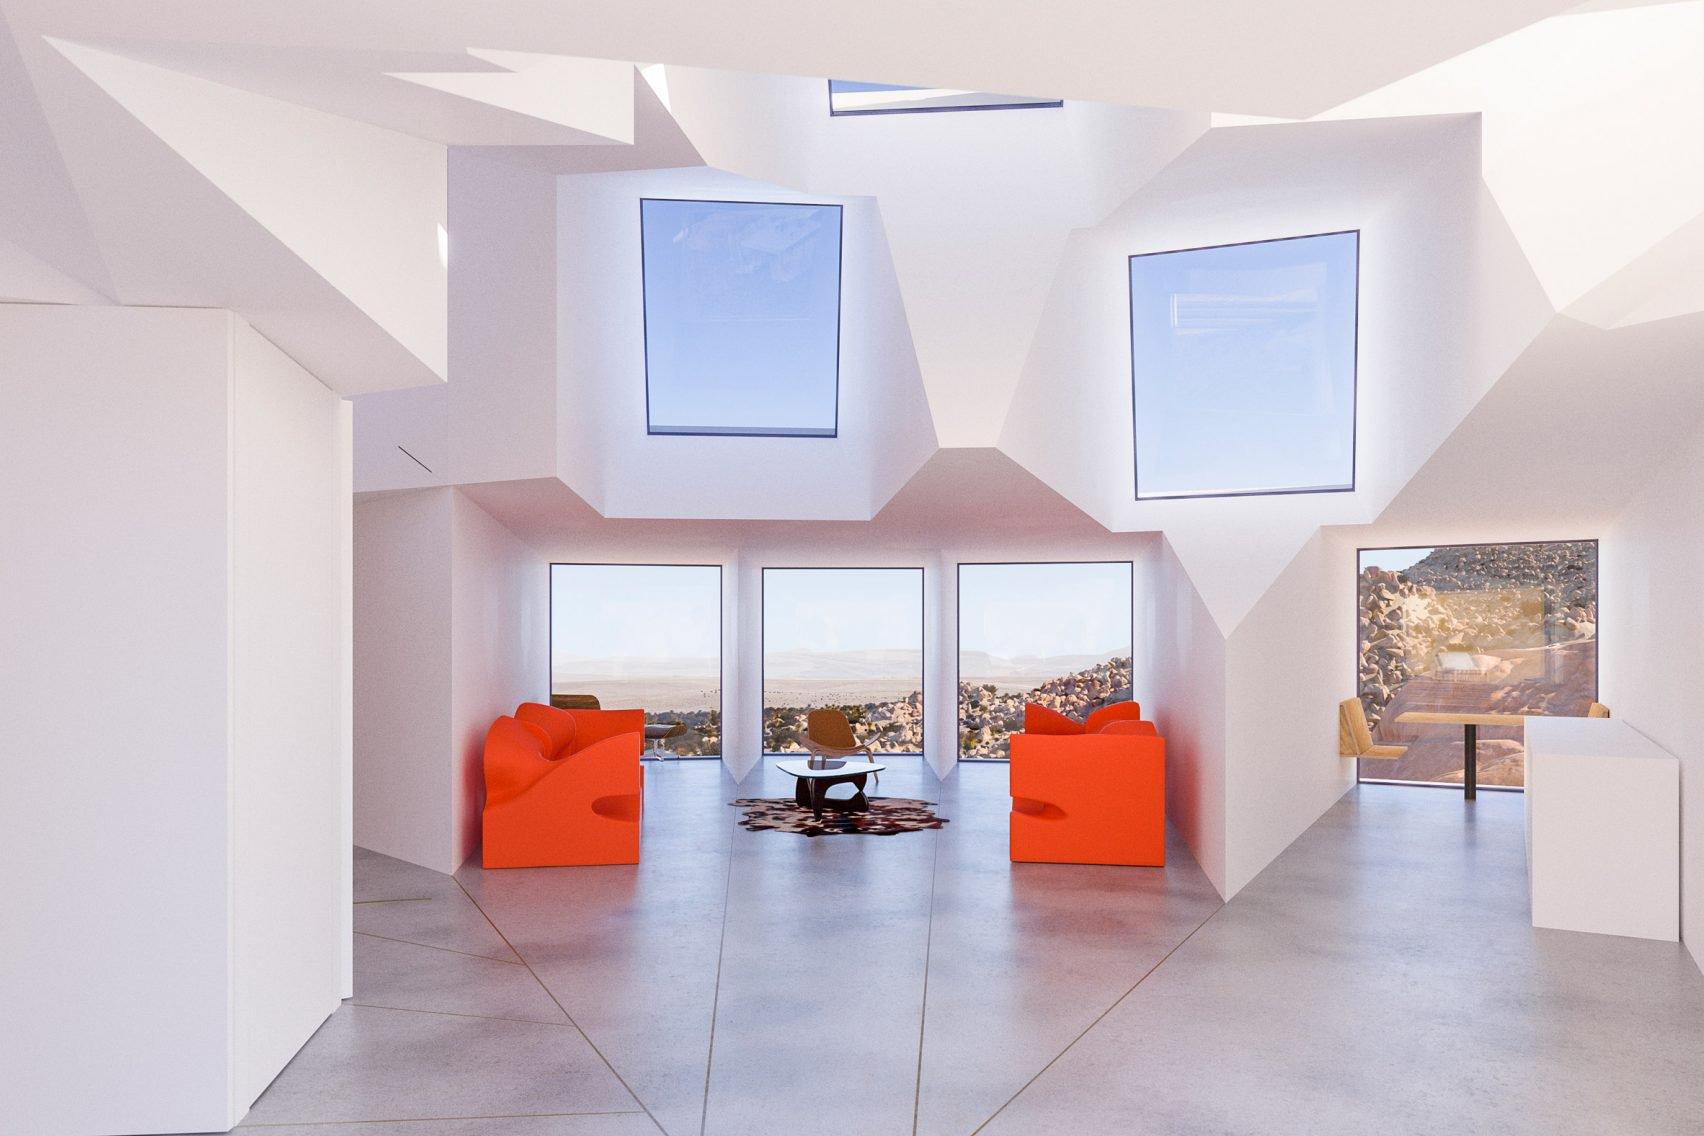 Nhìn tưởng pháo đài xấu xí nhưng thực ra lại là căn hộ tuyệt đẹp giữa sa mạc - 3